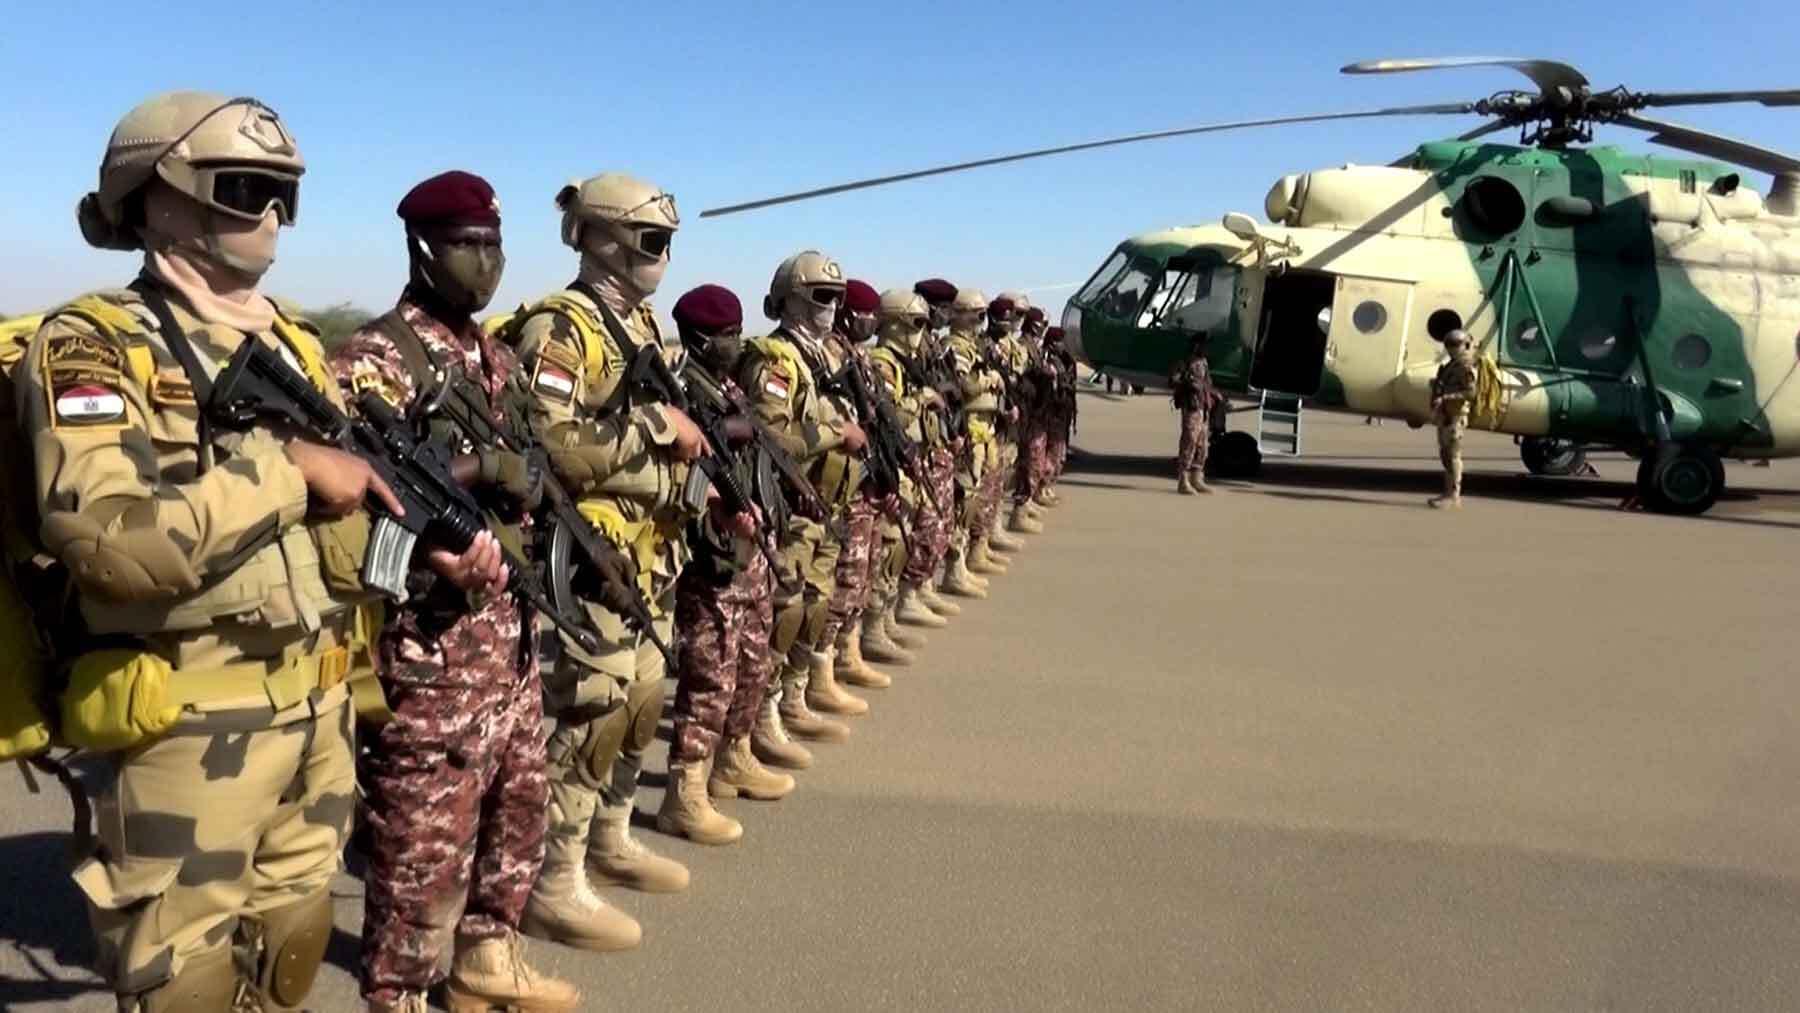 إثيوبيا تبعث برسالة إلى القاهرة والخرطوم: لدينا جيشاً قوياً يحمي بلادنا